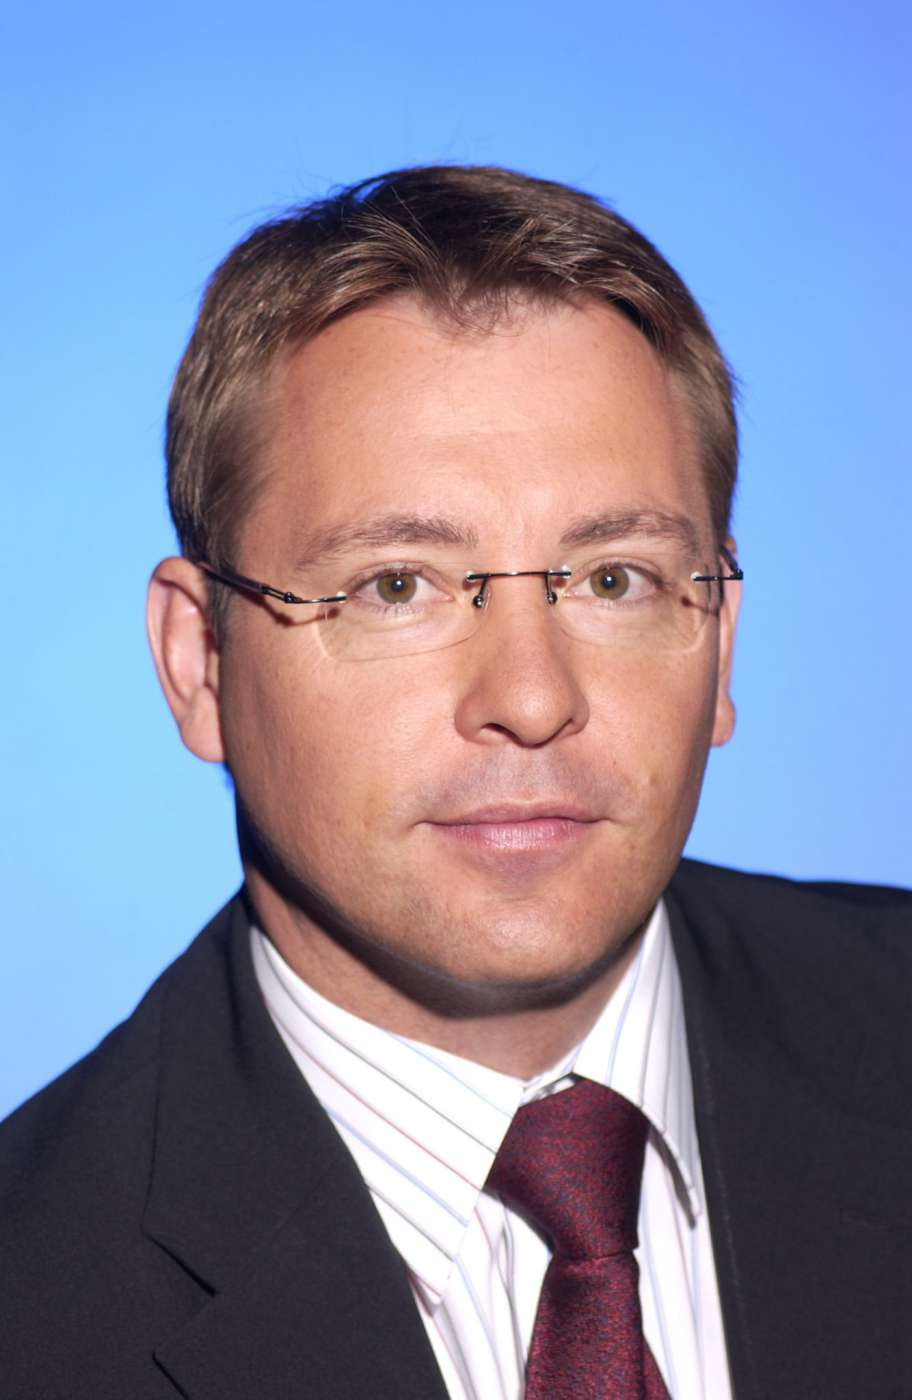 Oliver Bischof